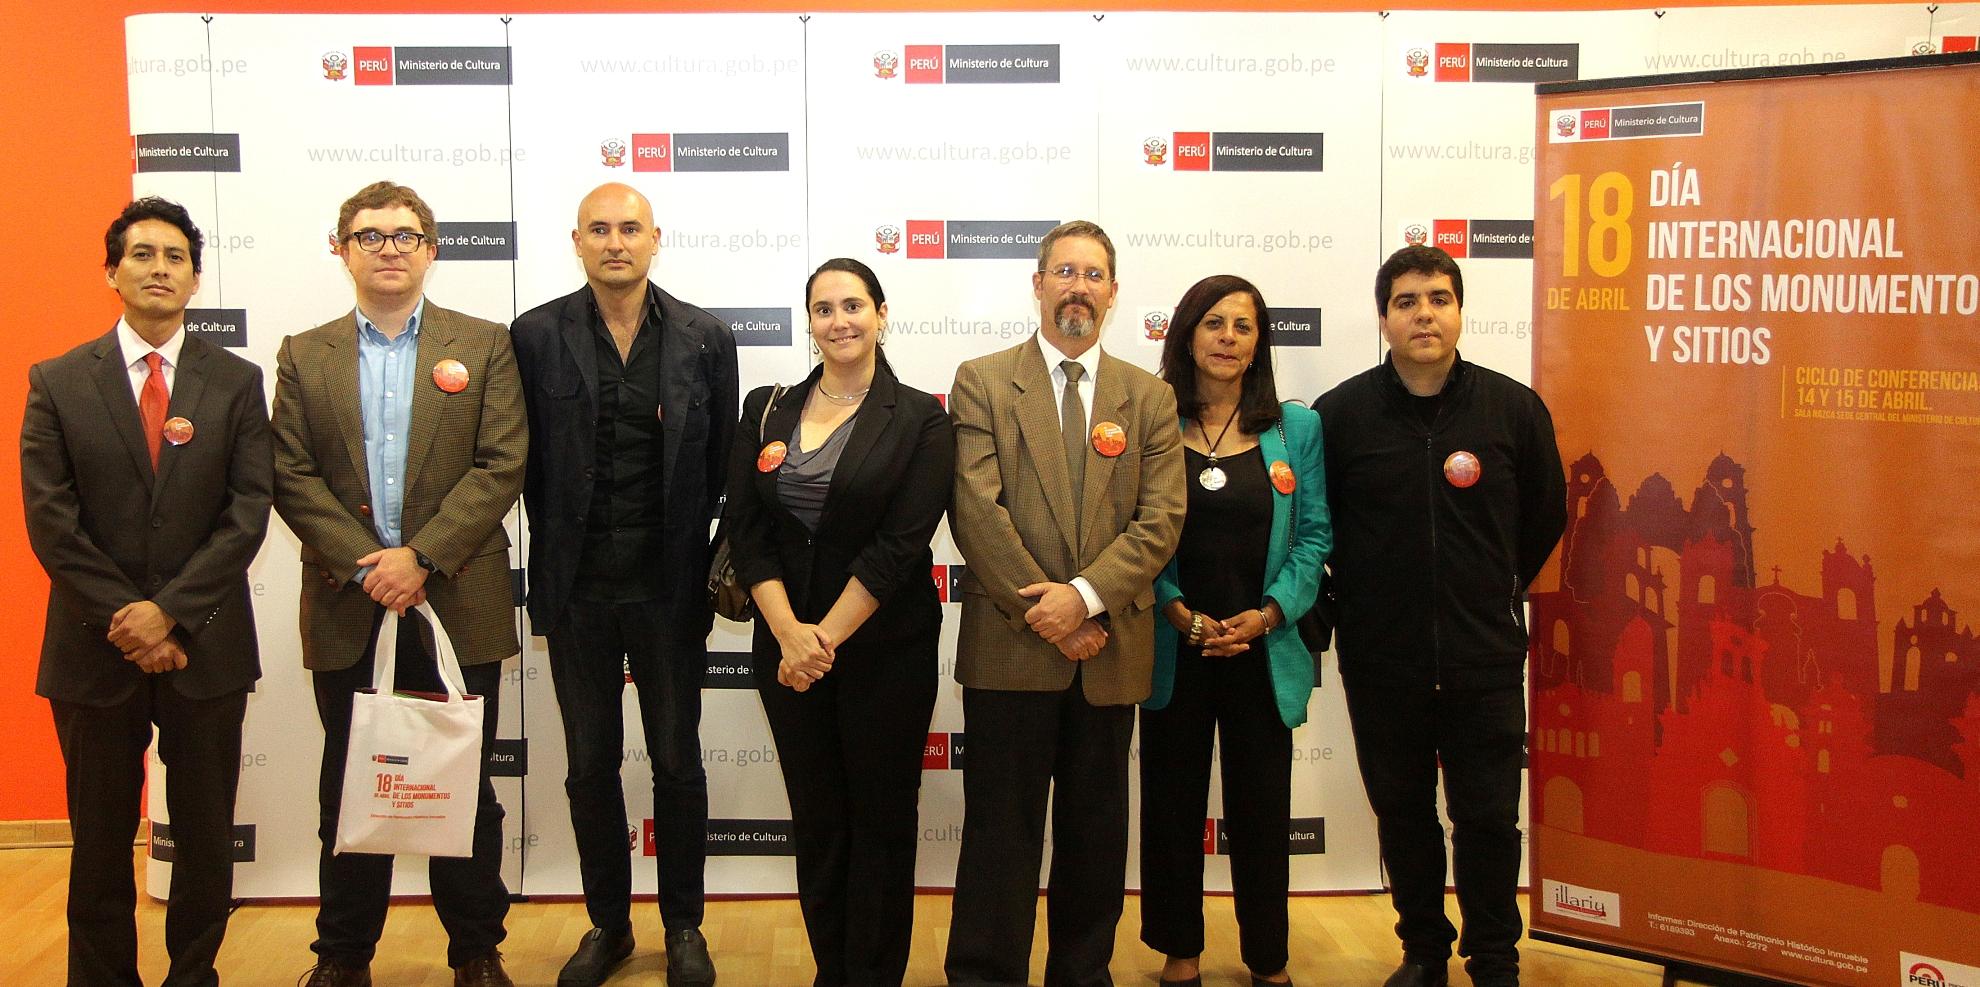 Ministerio de cultura celebr d a internacional de los for Ministerio de inter